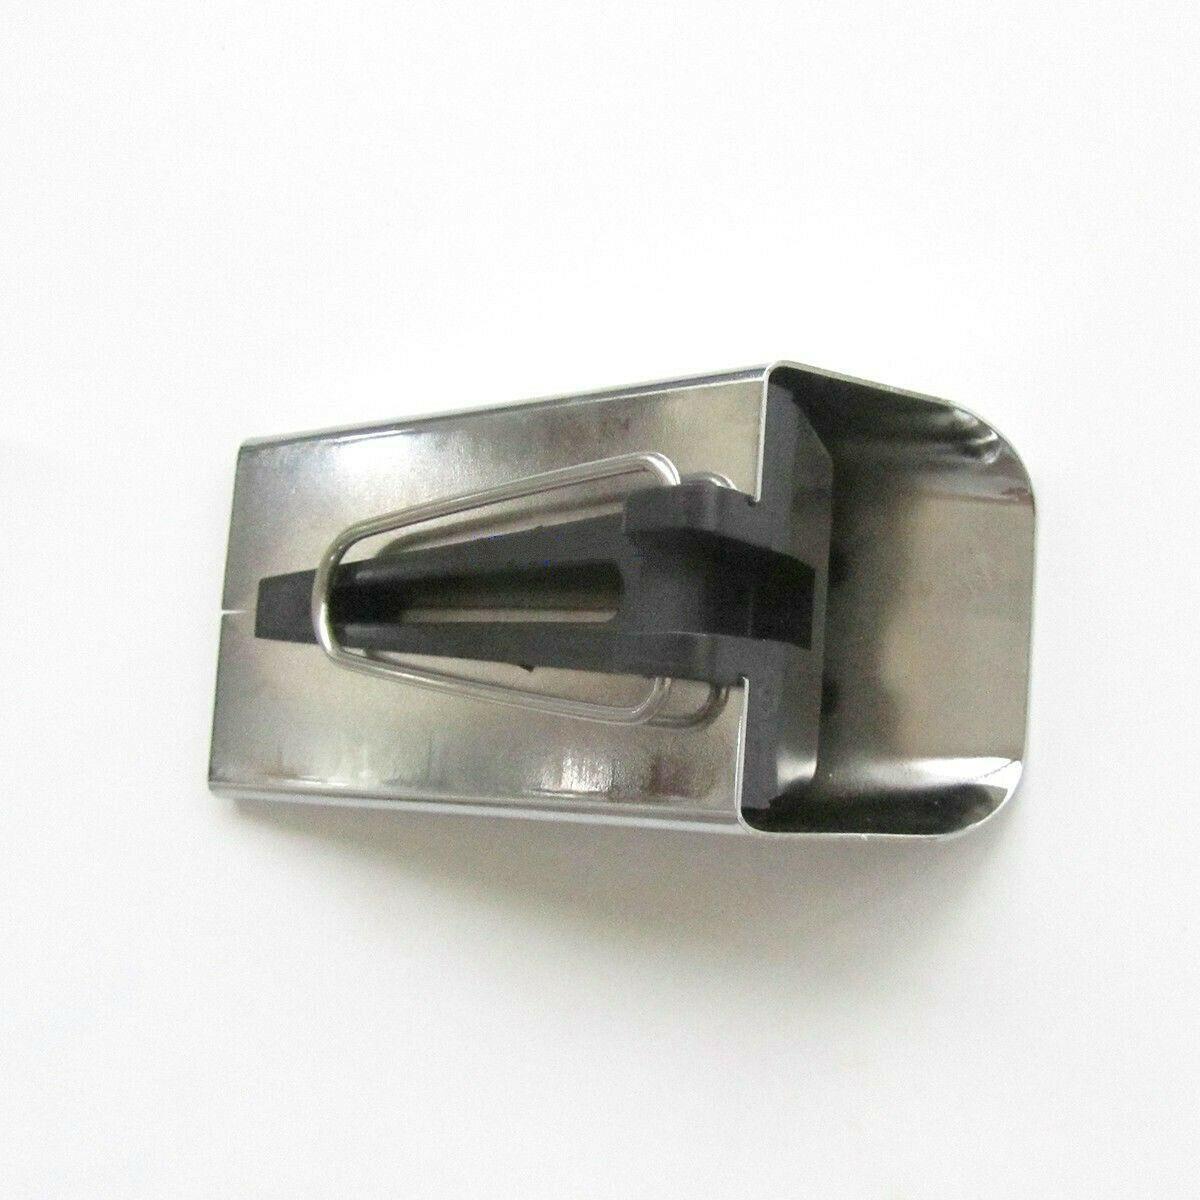 1 Uds # BTM50 fabricante de cinta de encuadernación BIAS 2 pulgadas 50mm para coser y acolchar